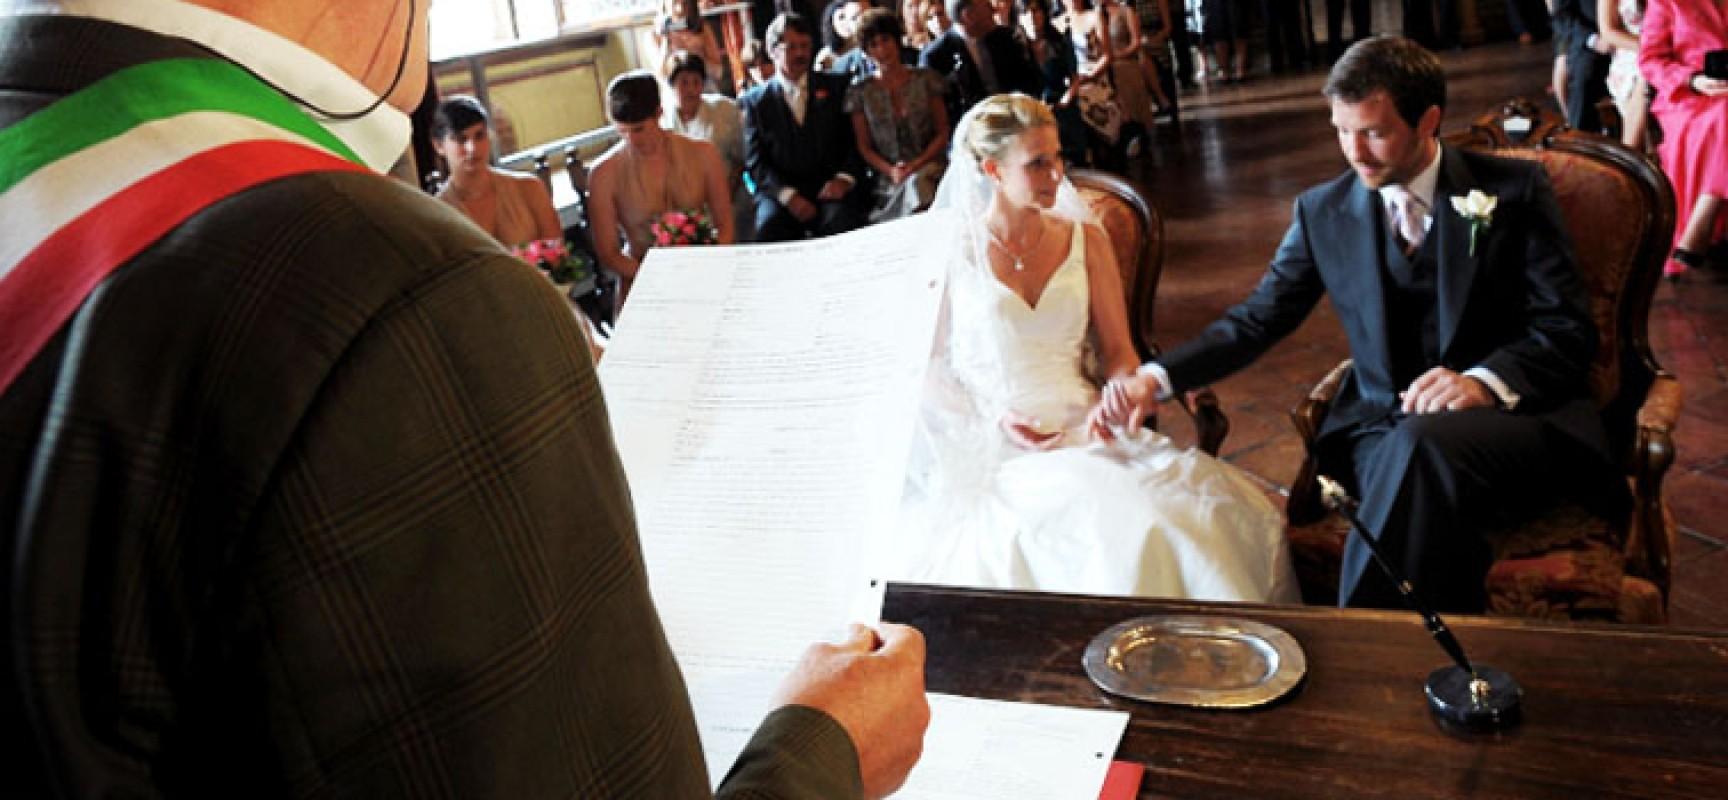 Matrimoni Civili Toscana : La giunta comunale approva il tariffario per i matrimoni